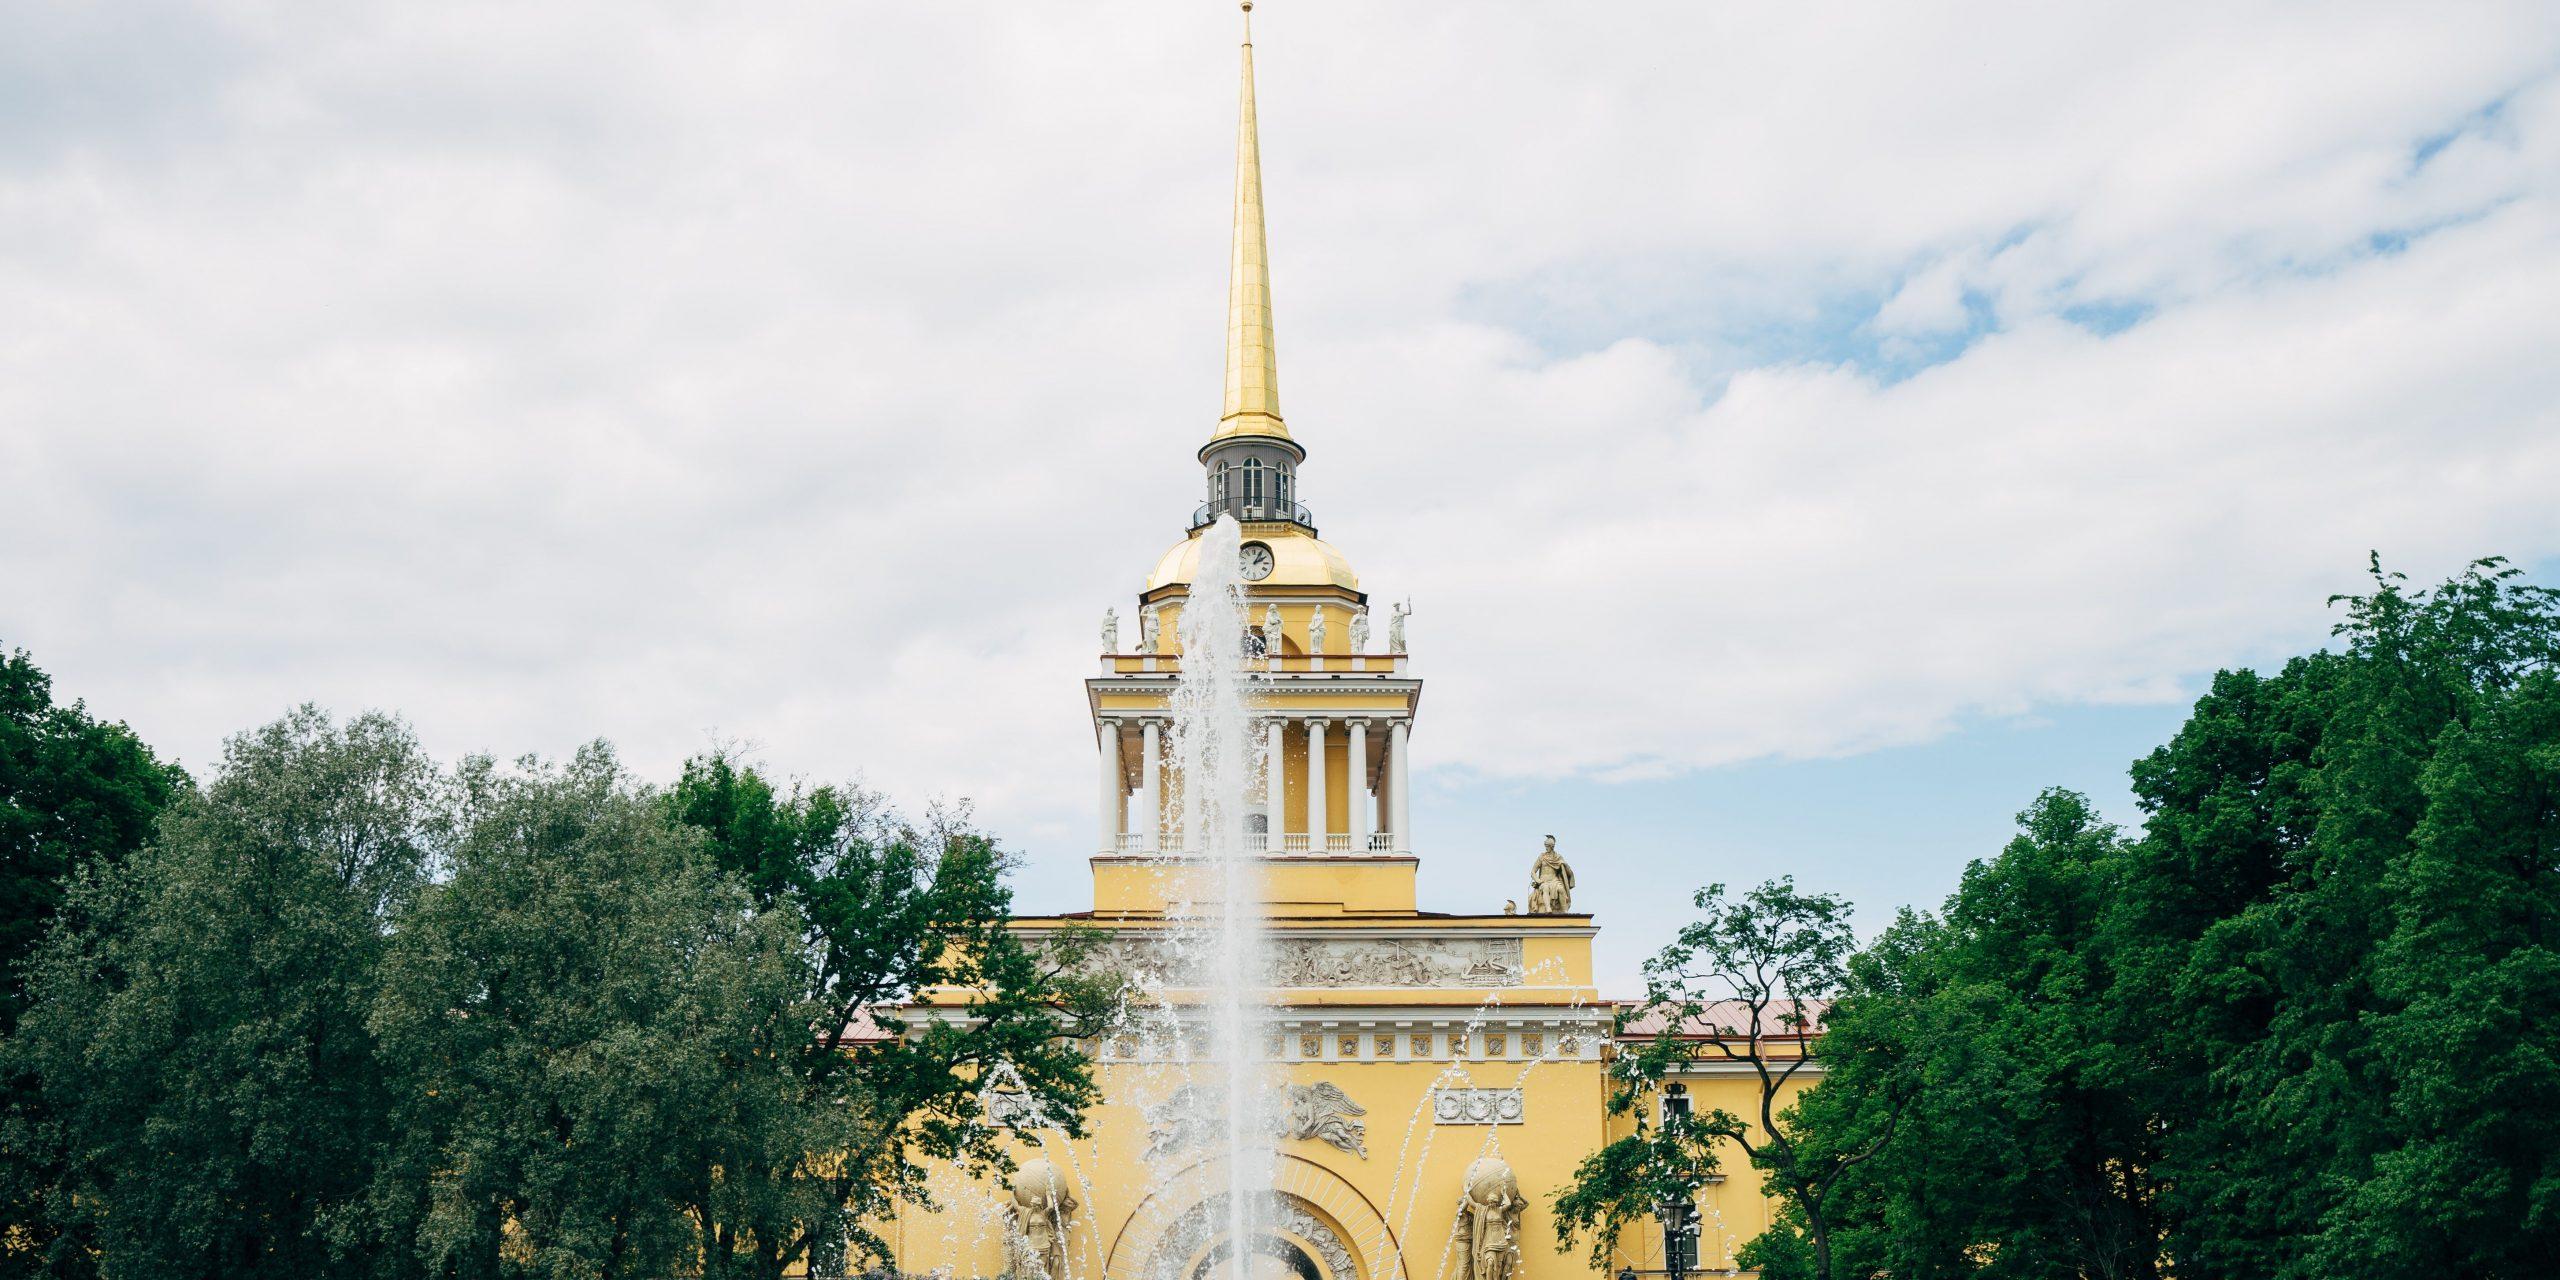 В Петербурге внедрят умные технологии на транспорте и в жилищно-коммунальном хозяйстве